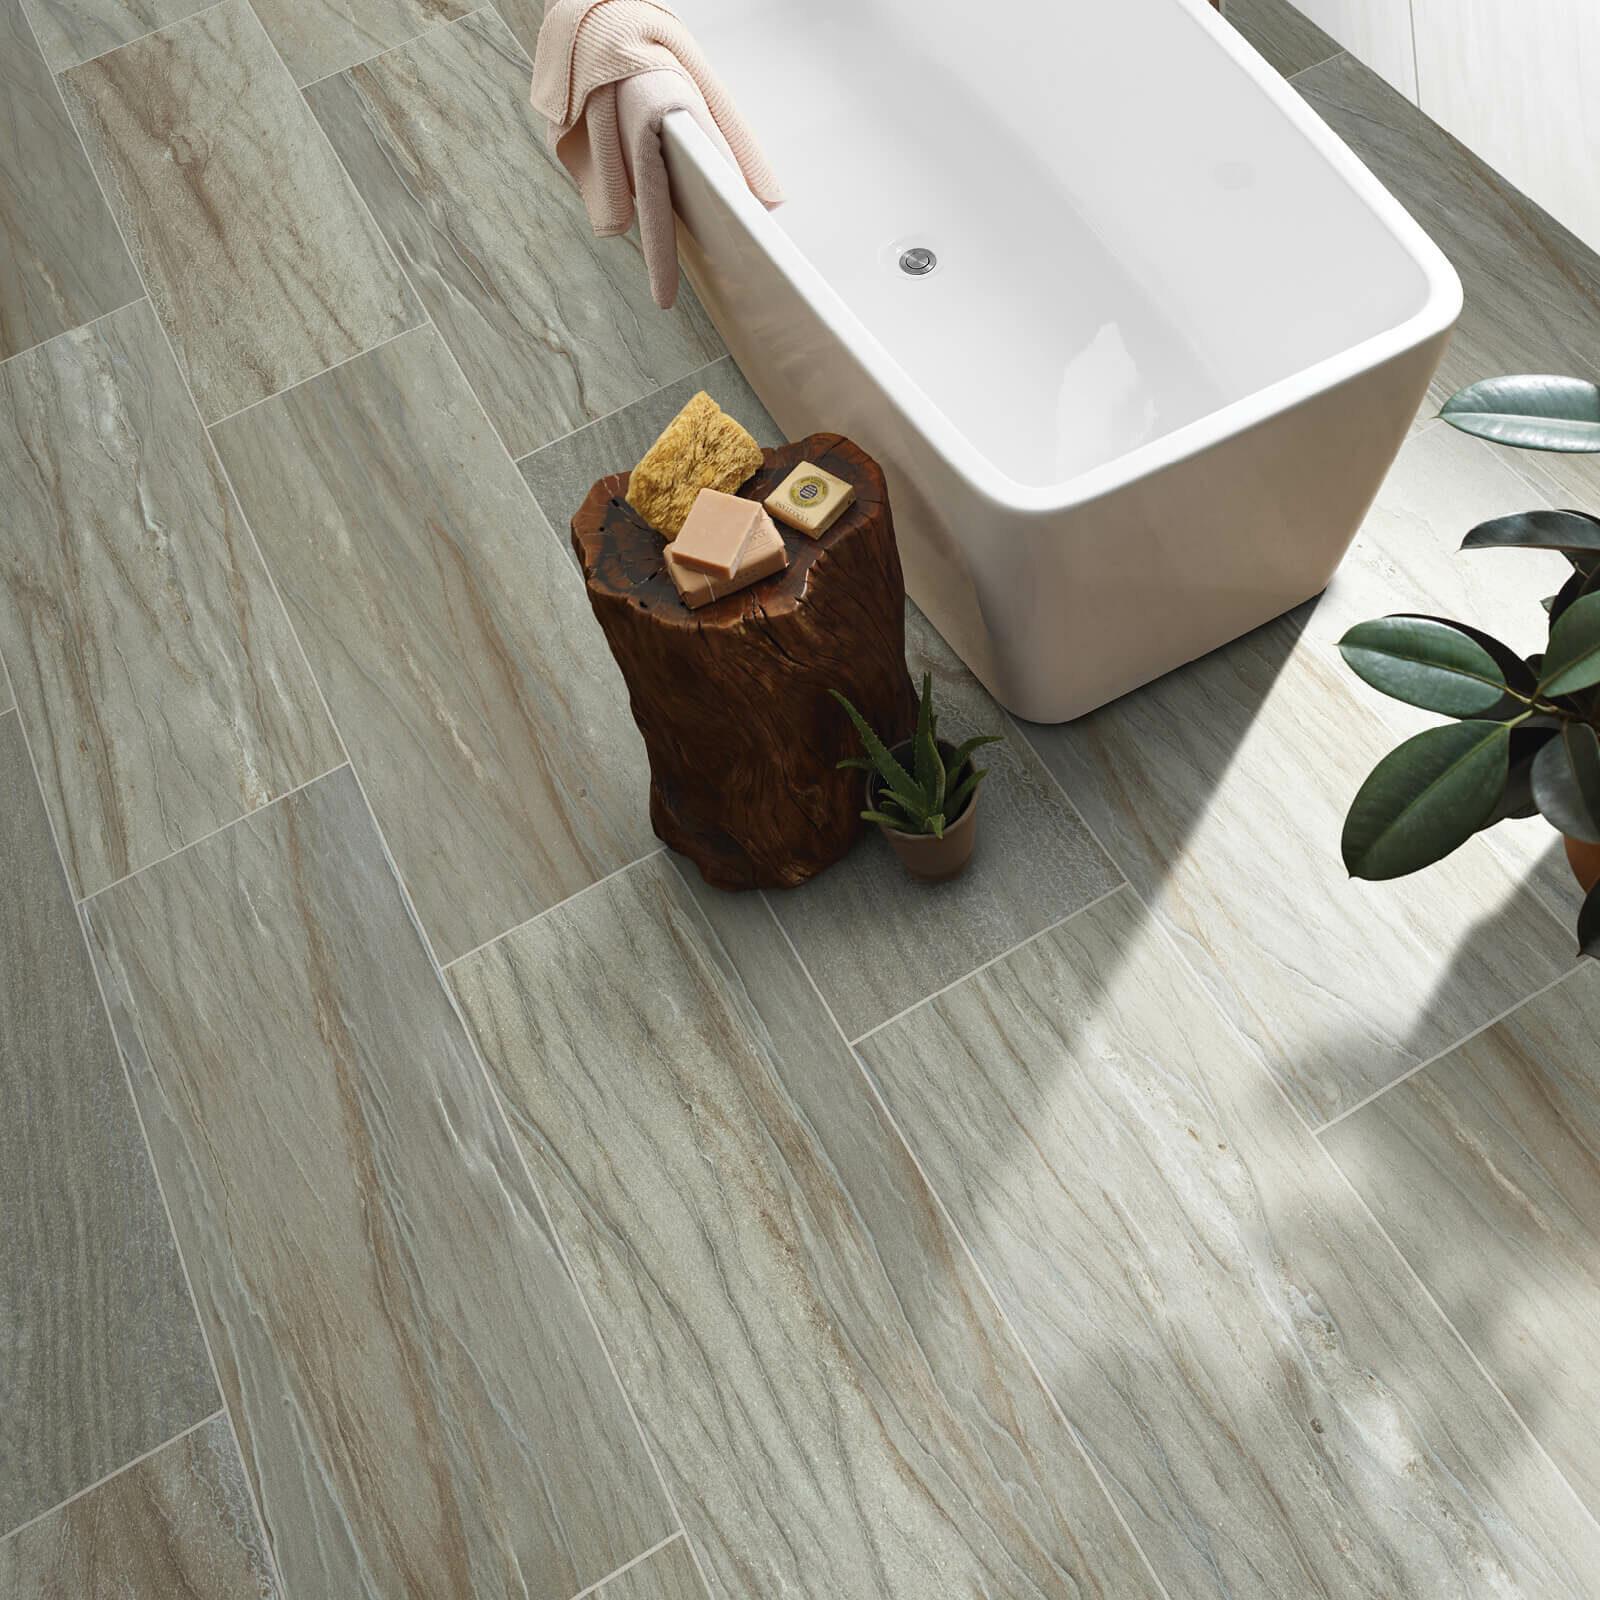 Sanctuary bathroom tile | The Carpet Stop